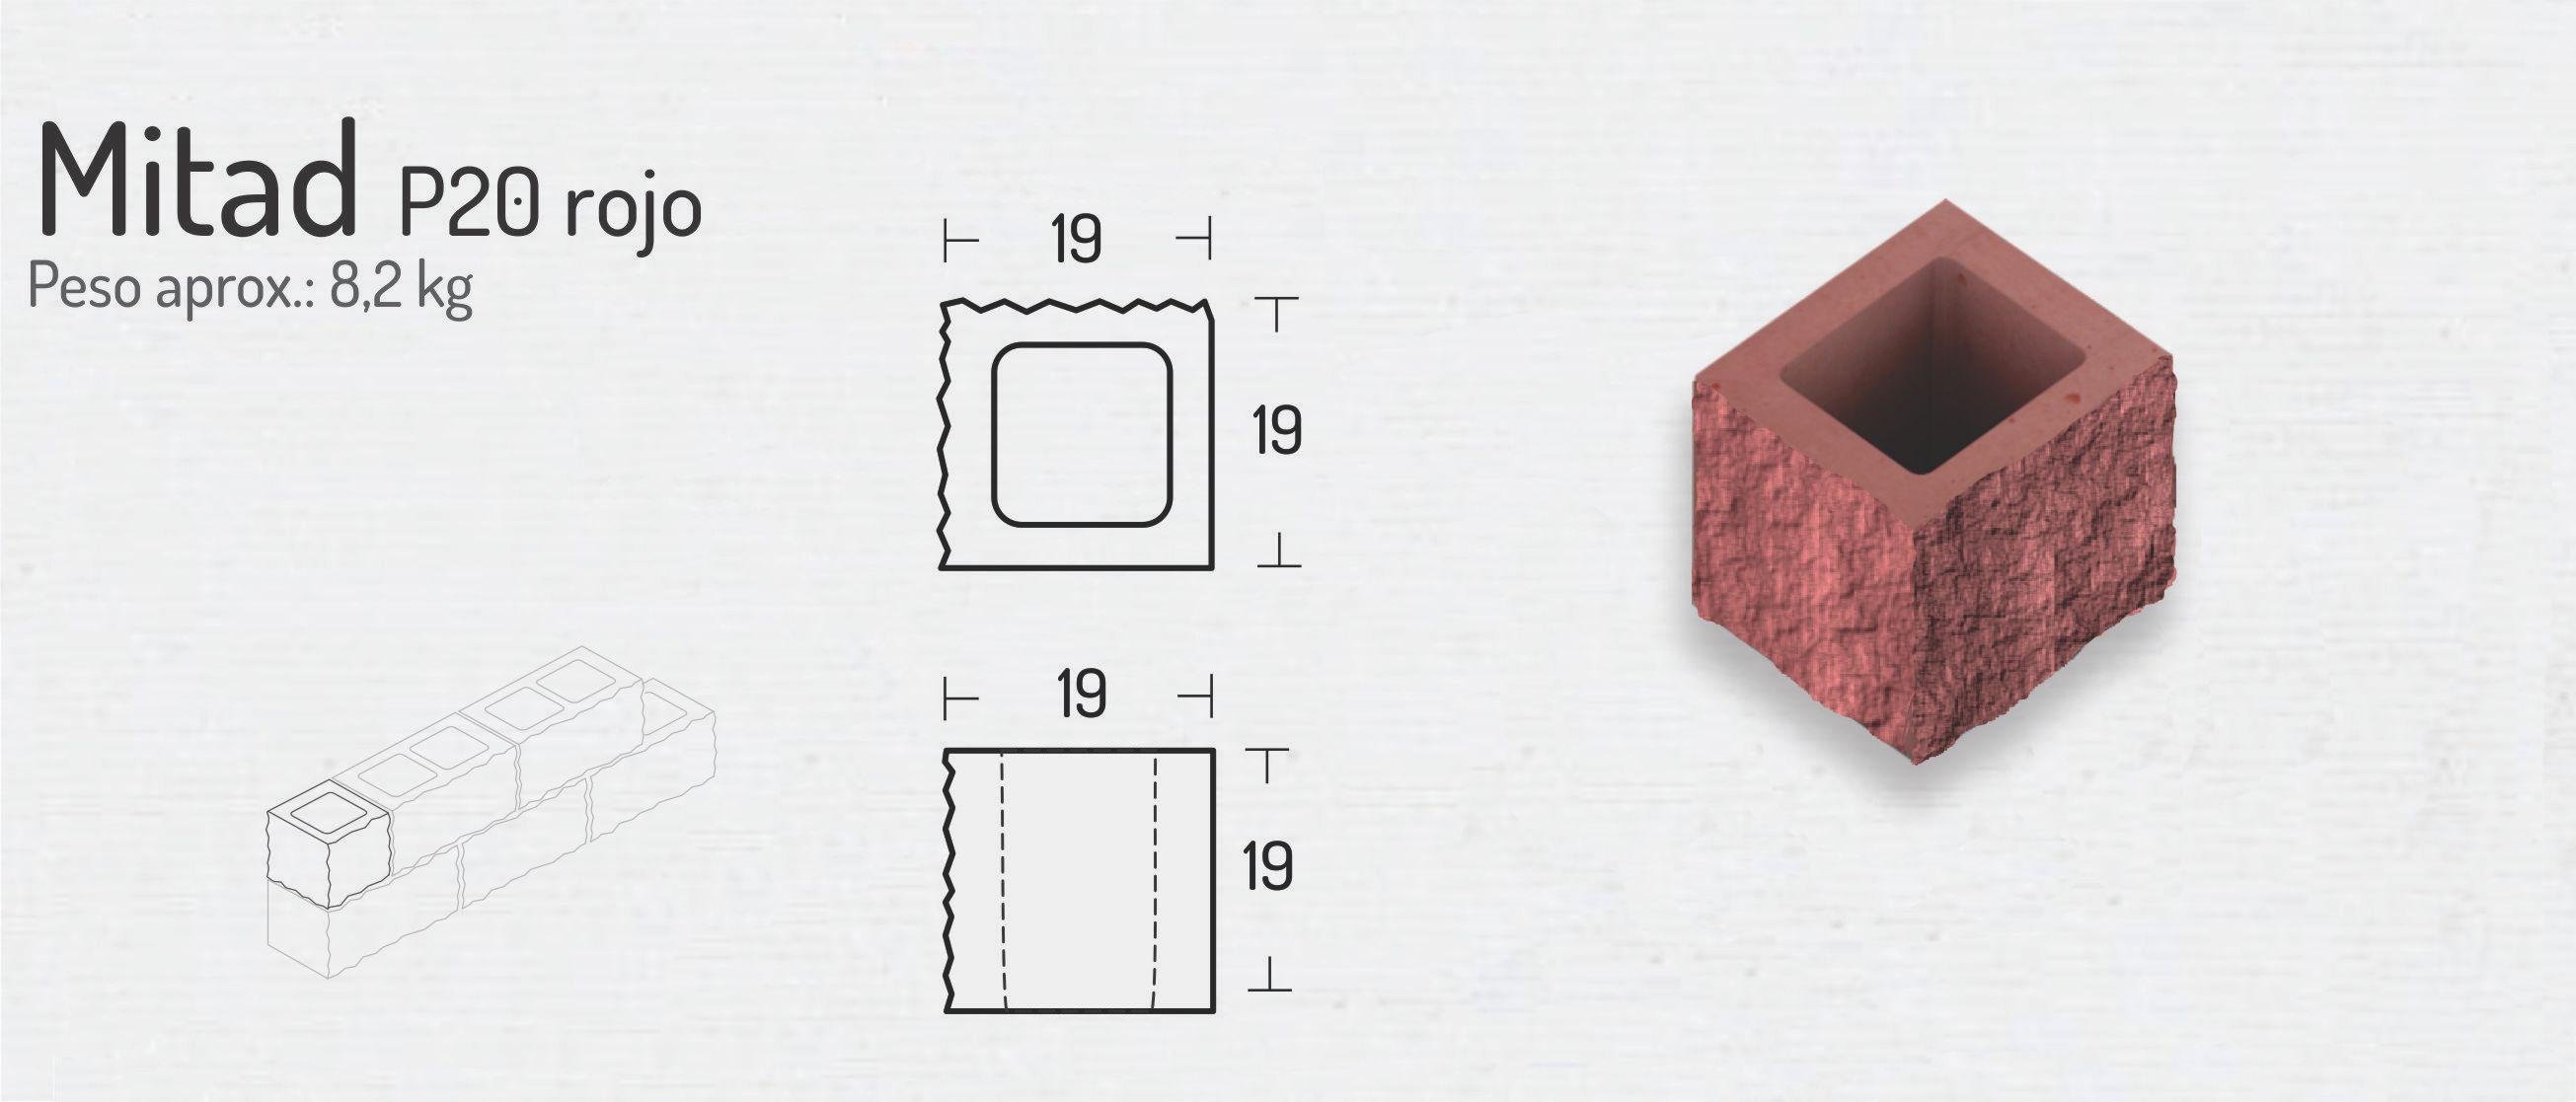 Mitad P20 Rojo – Bloques de Hormigón